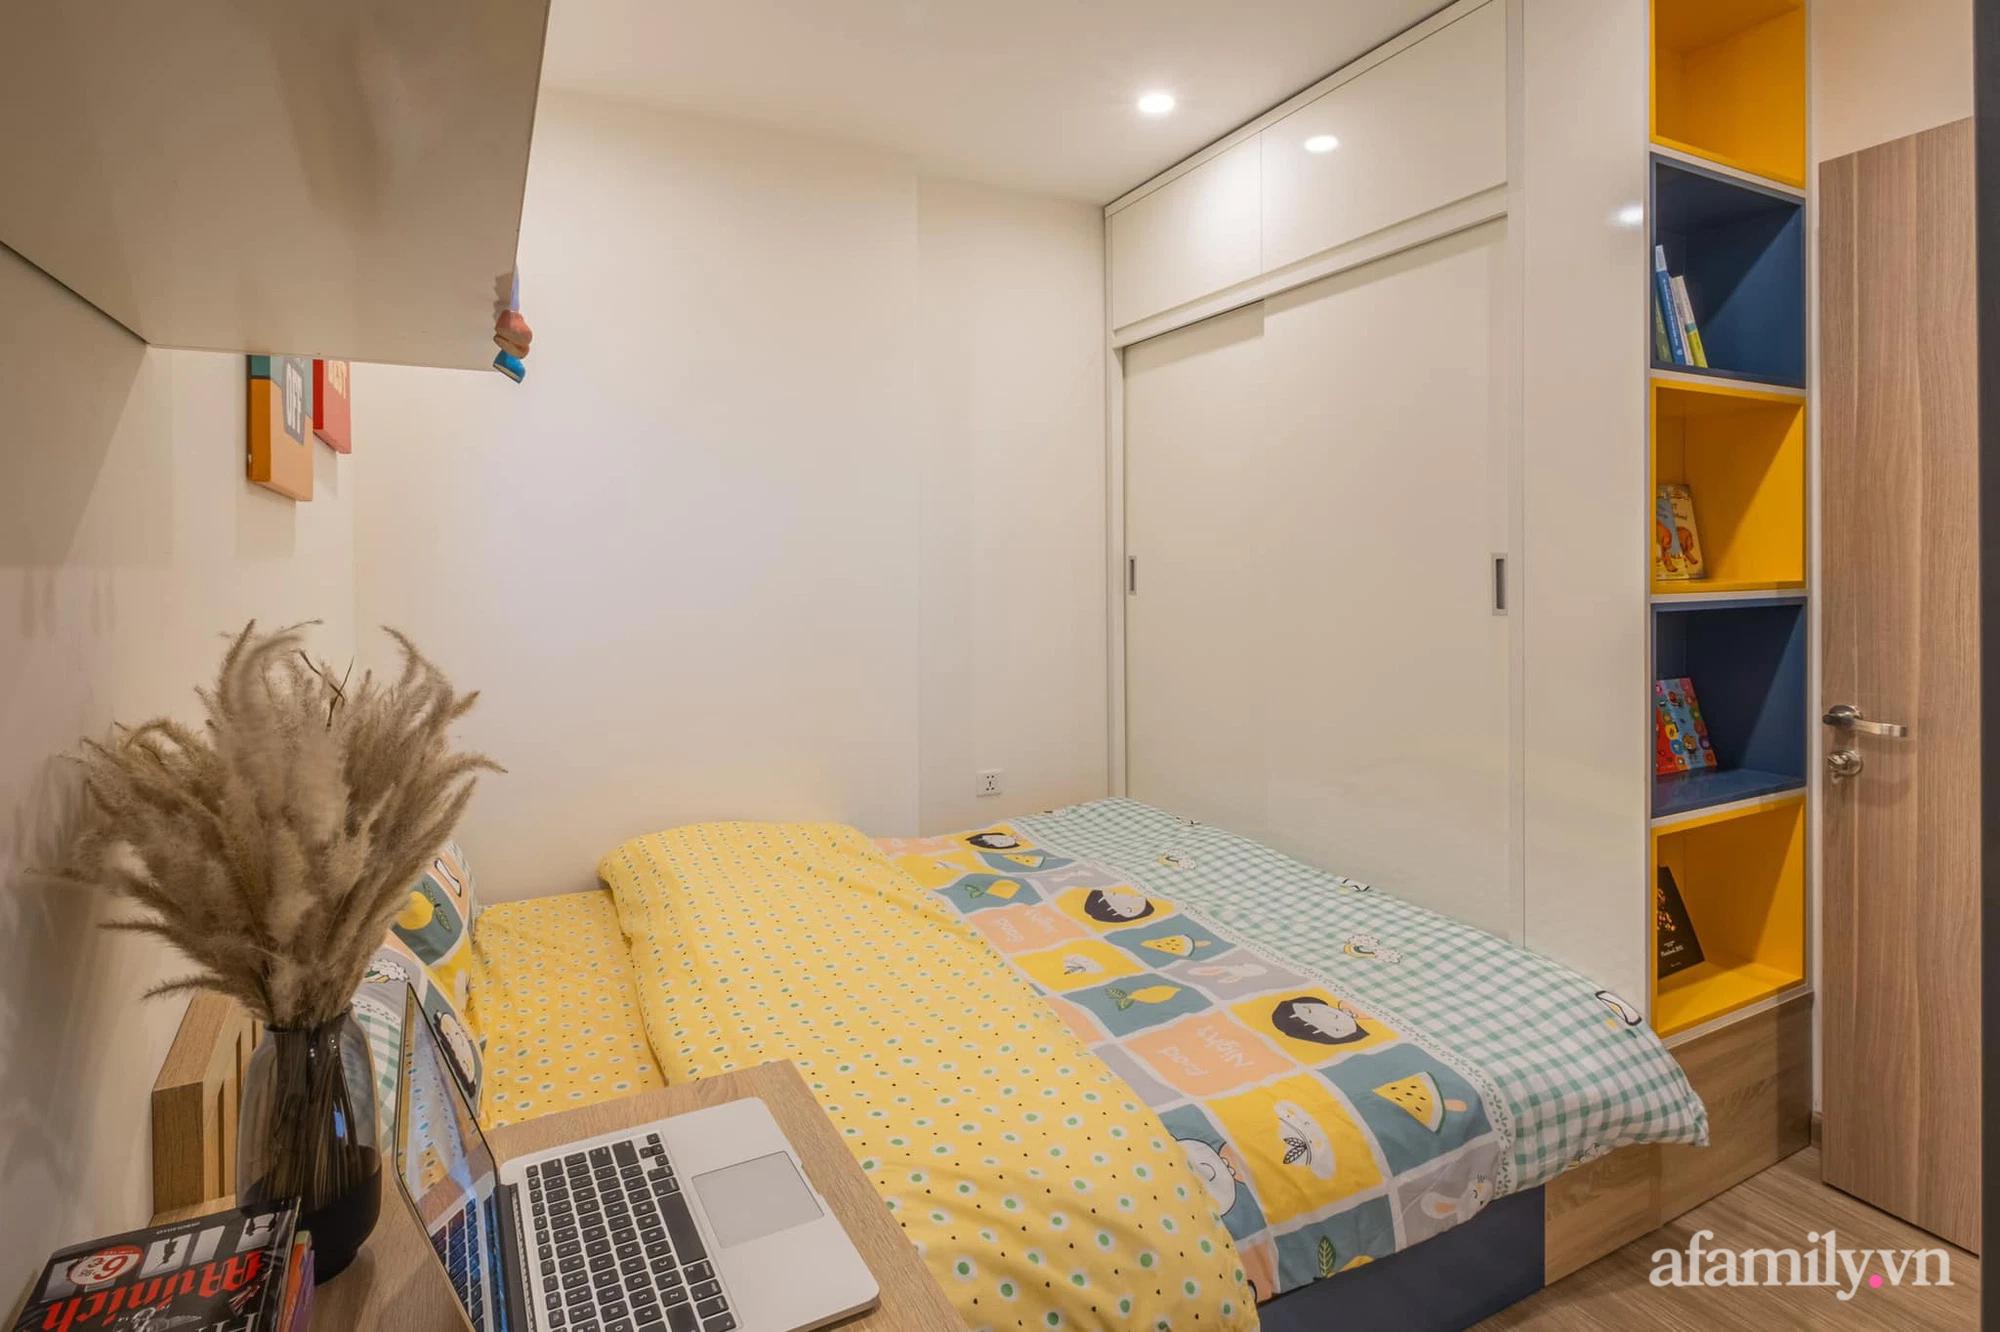 Chàng trai Hà Nội chuyển từ nhà phố 4 tầng lên ở chung cư vì lý do không phải ai cũng biết - Ảnh 13.